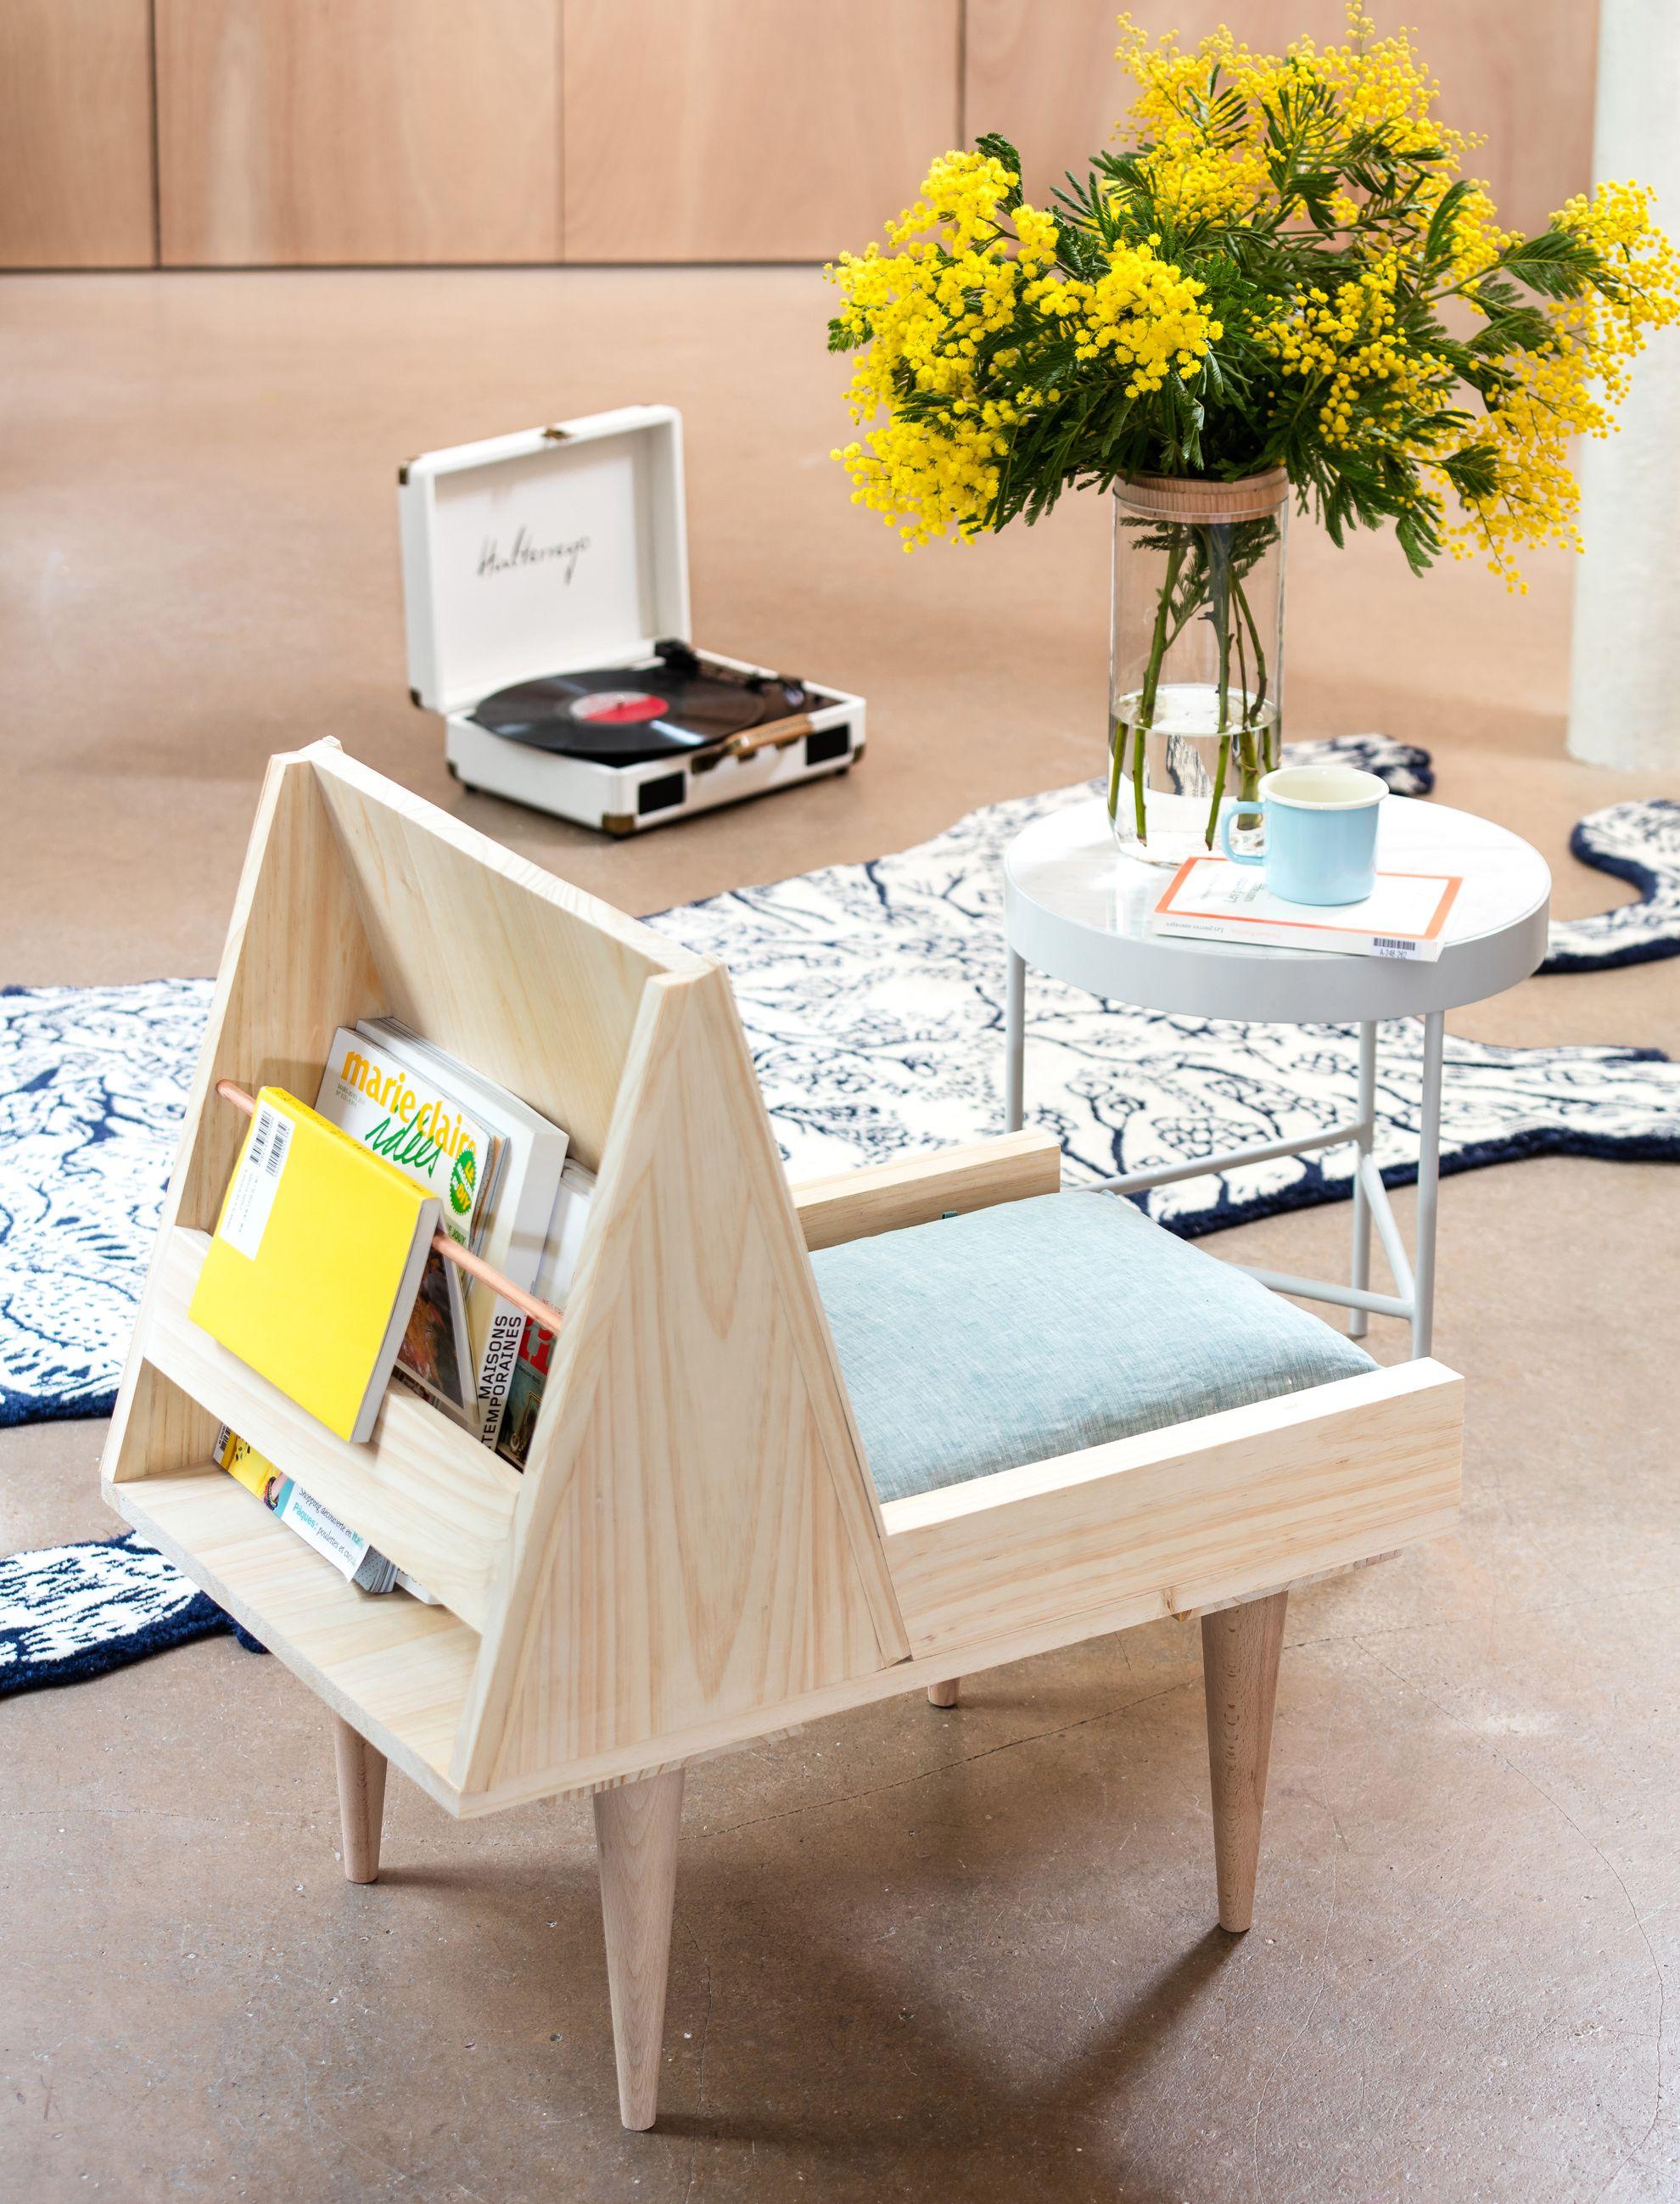 projet r alis en partenariat avec leroy merlin et marie claire id es stylisme camille. Black Bedroom Furniture Sets. Home Design Ideas